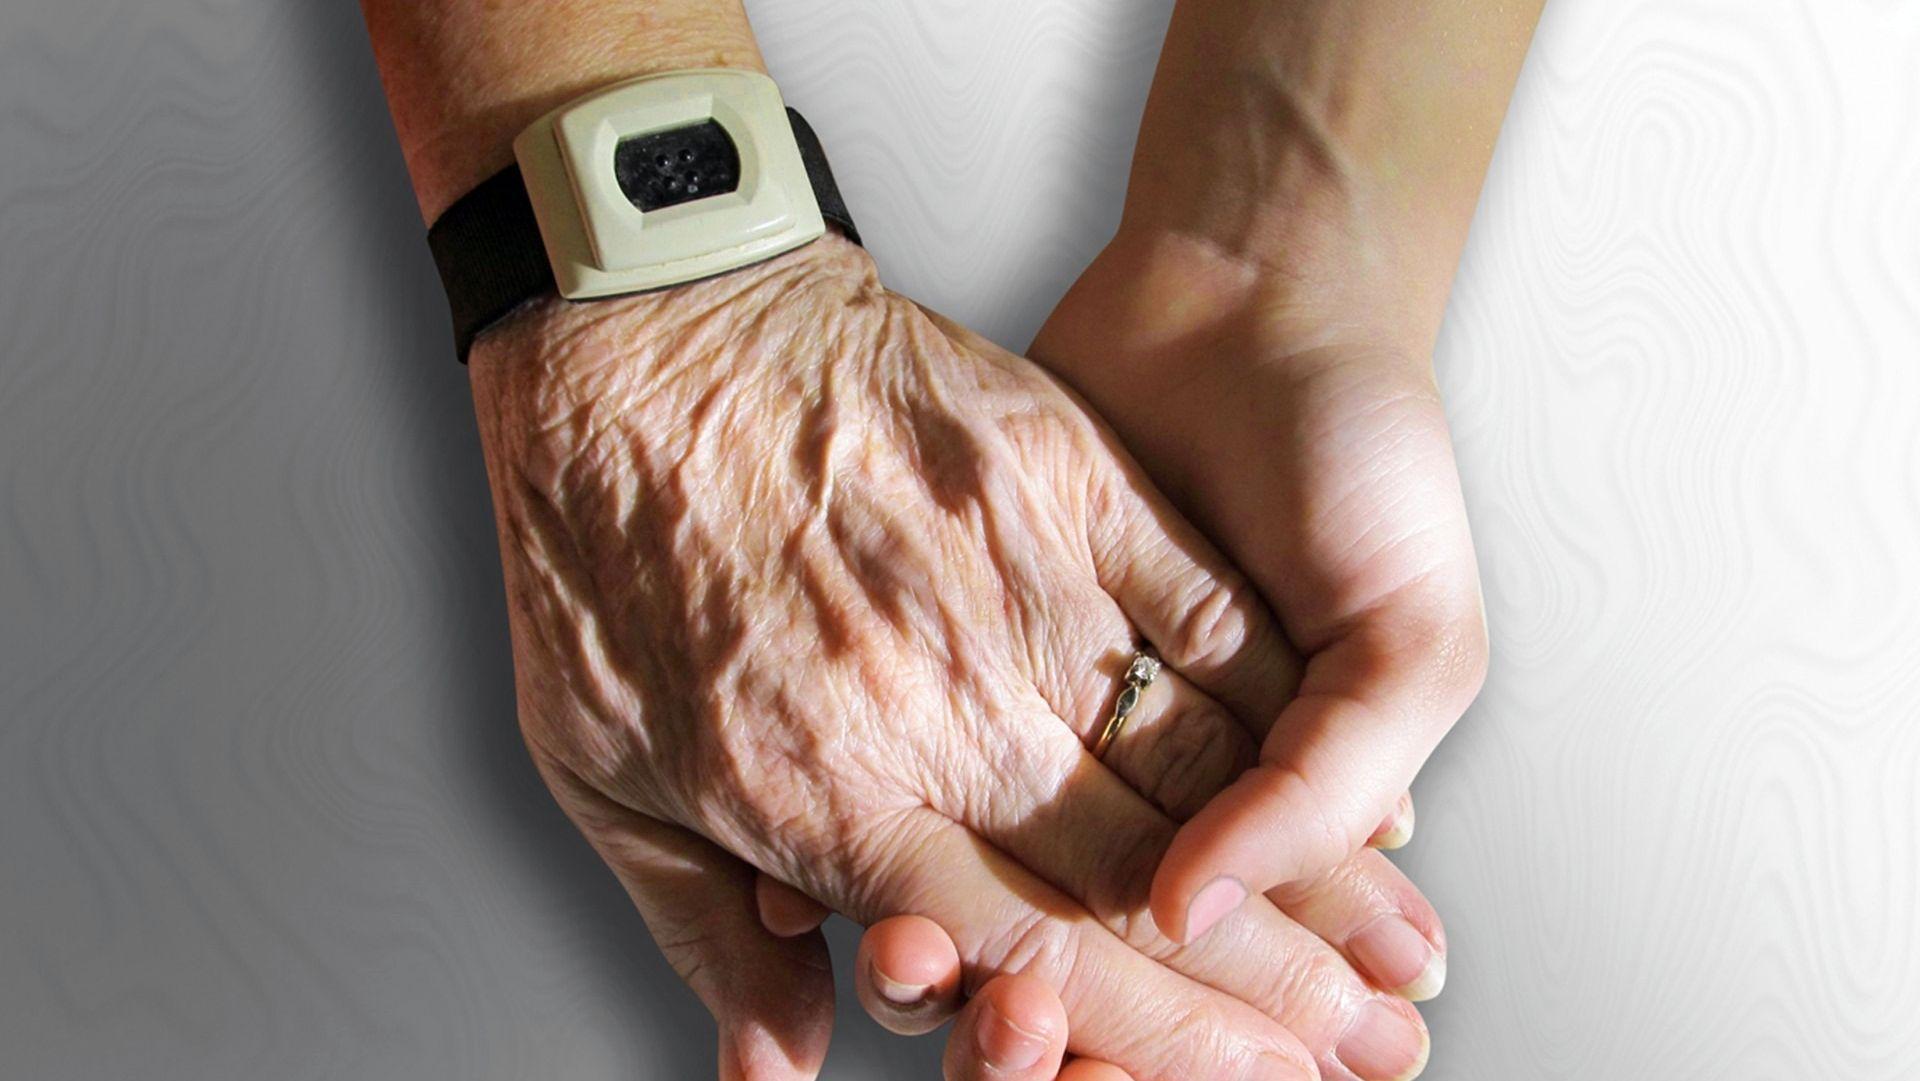 ouderenzorg eerstelijn samenwerking ziekenhuizen